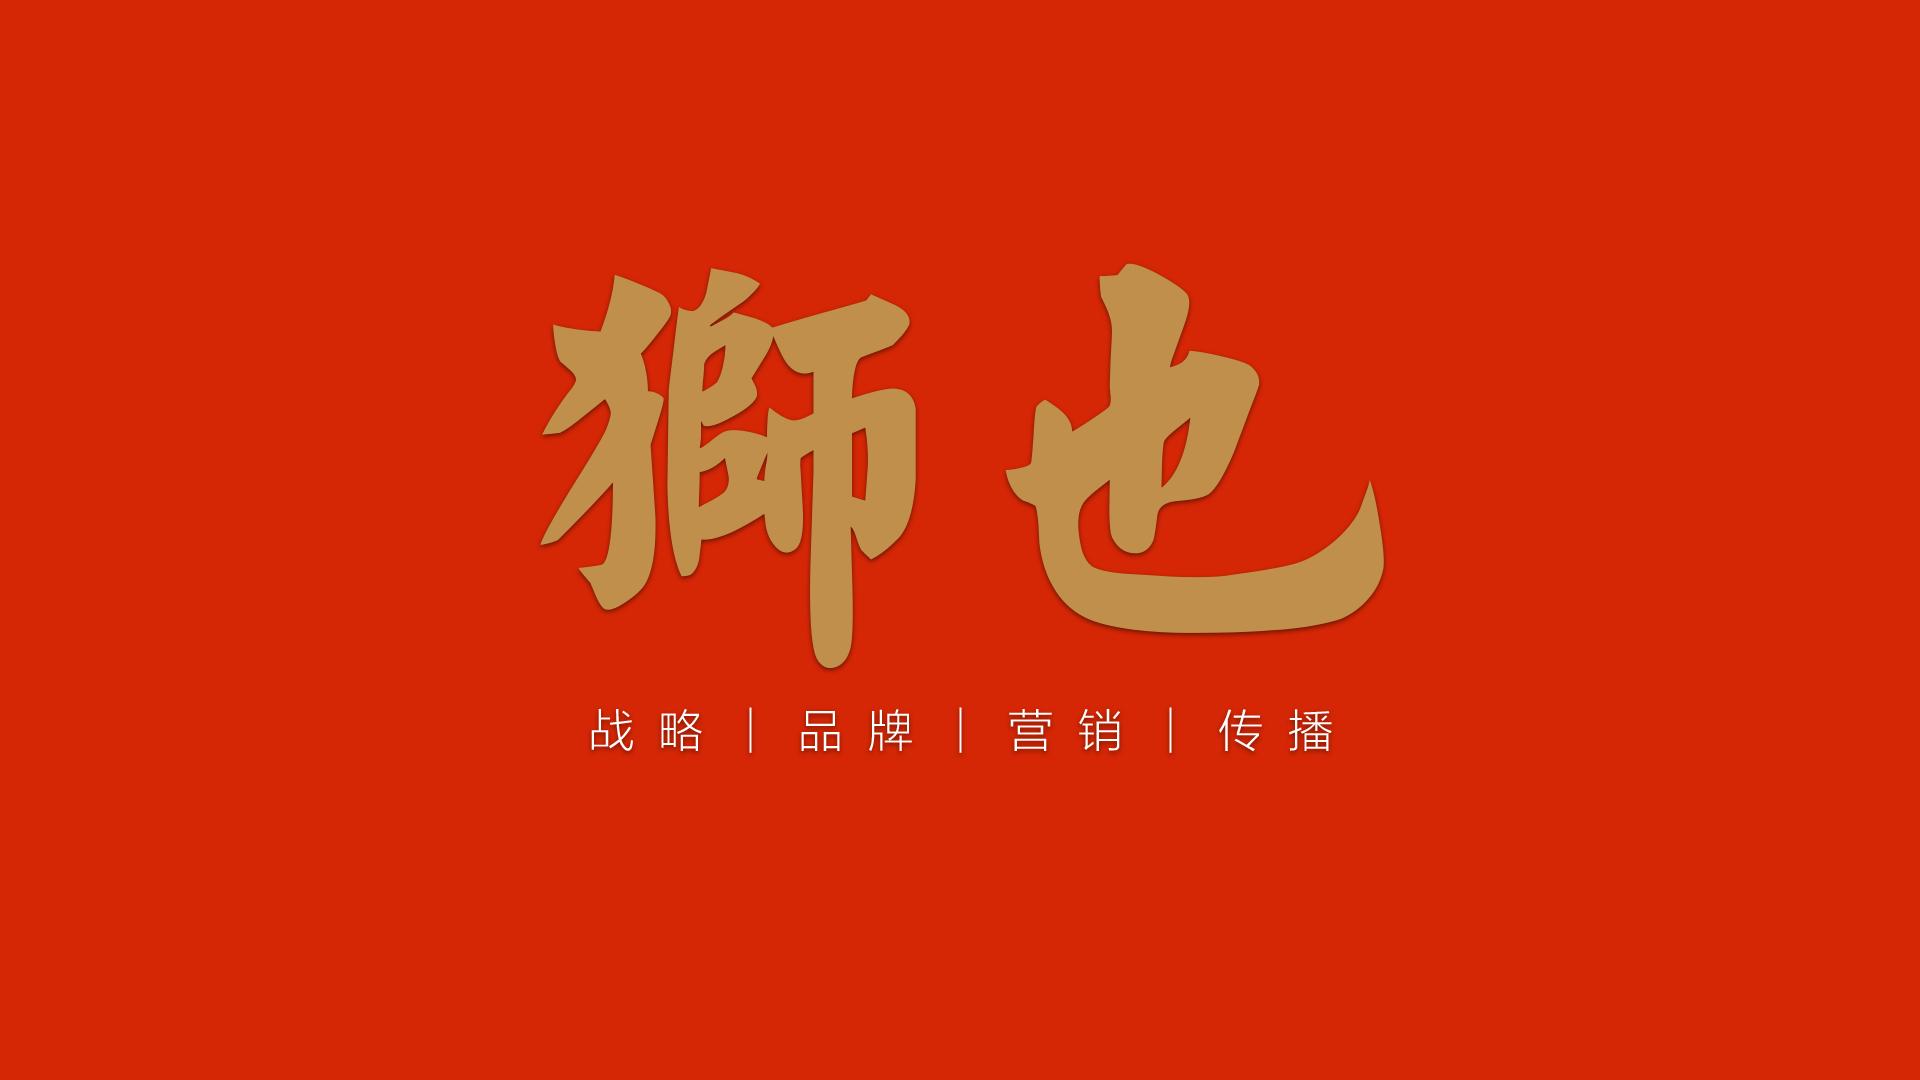 我国企业必须实现营销策略的创新—山东济南狮也战略品牌营销策划咨询顾问公司